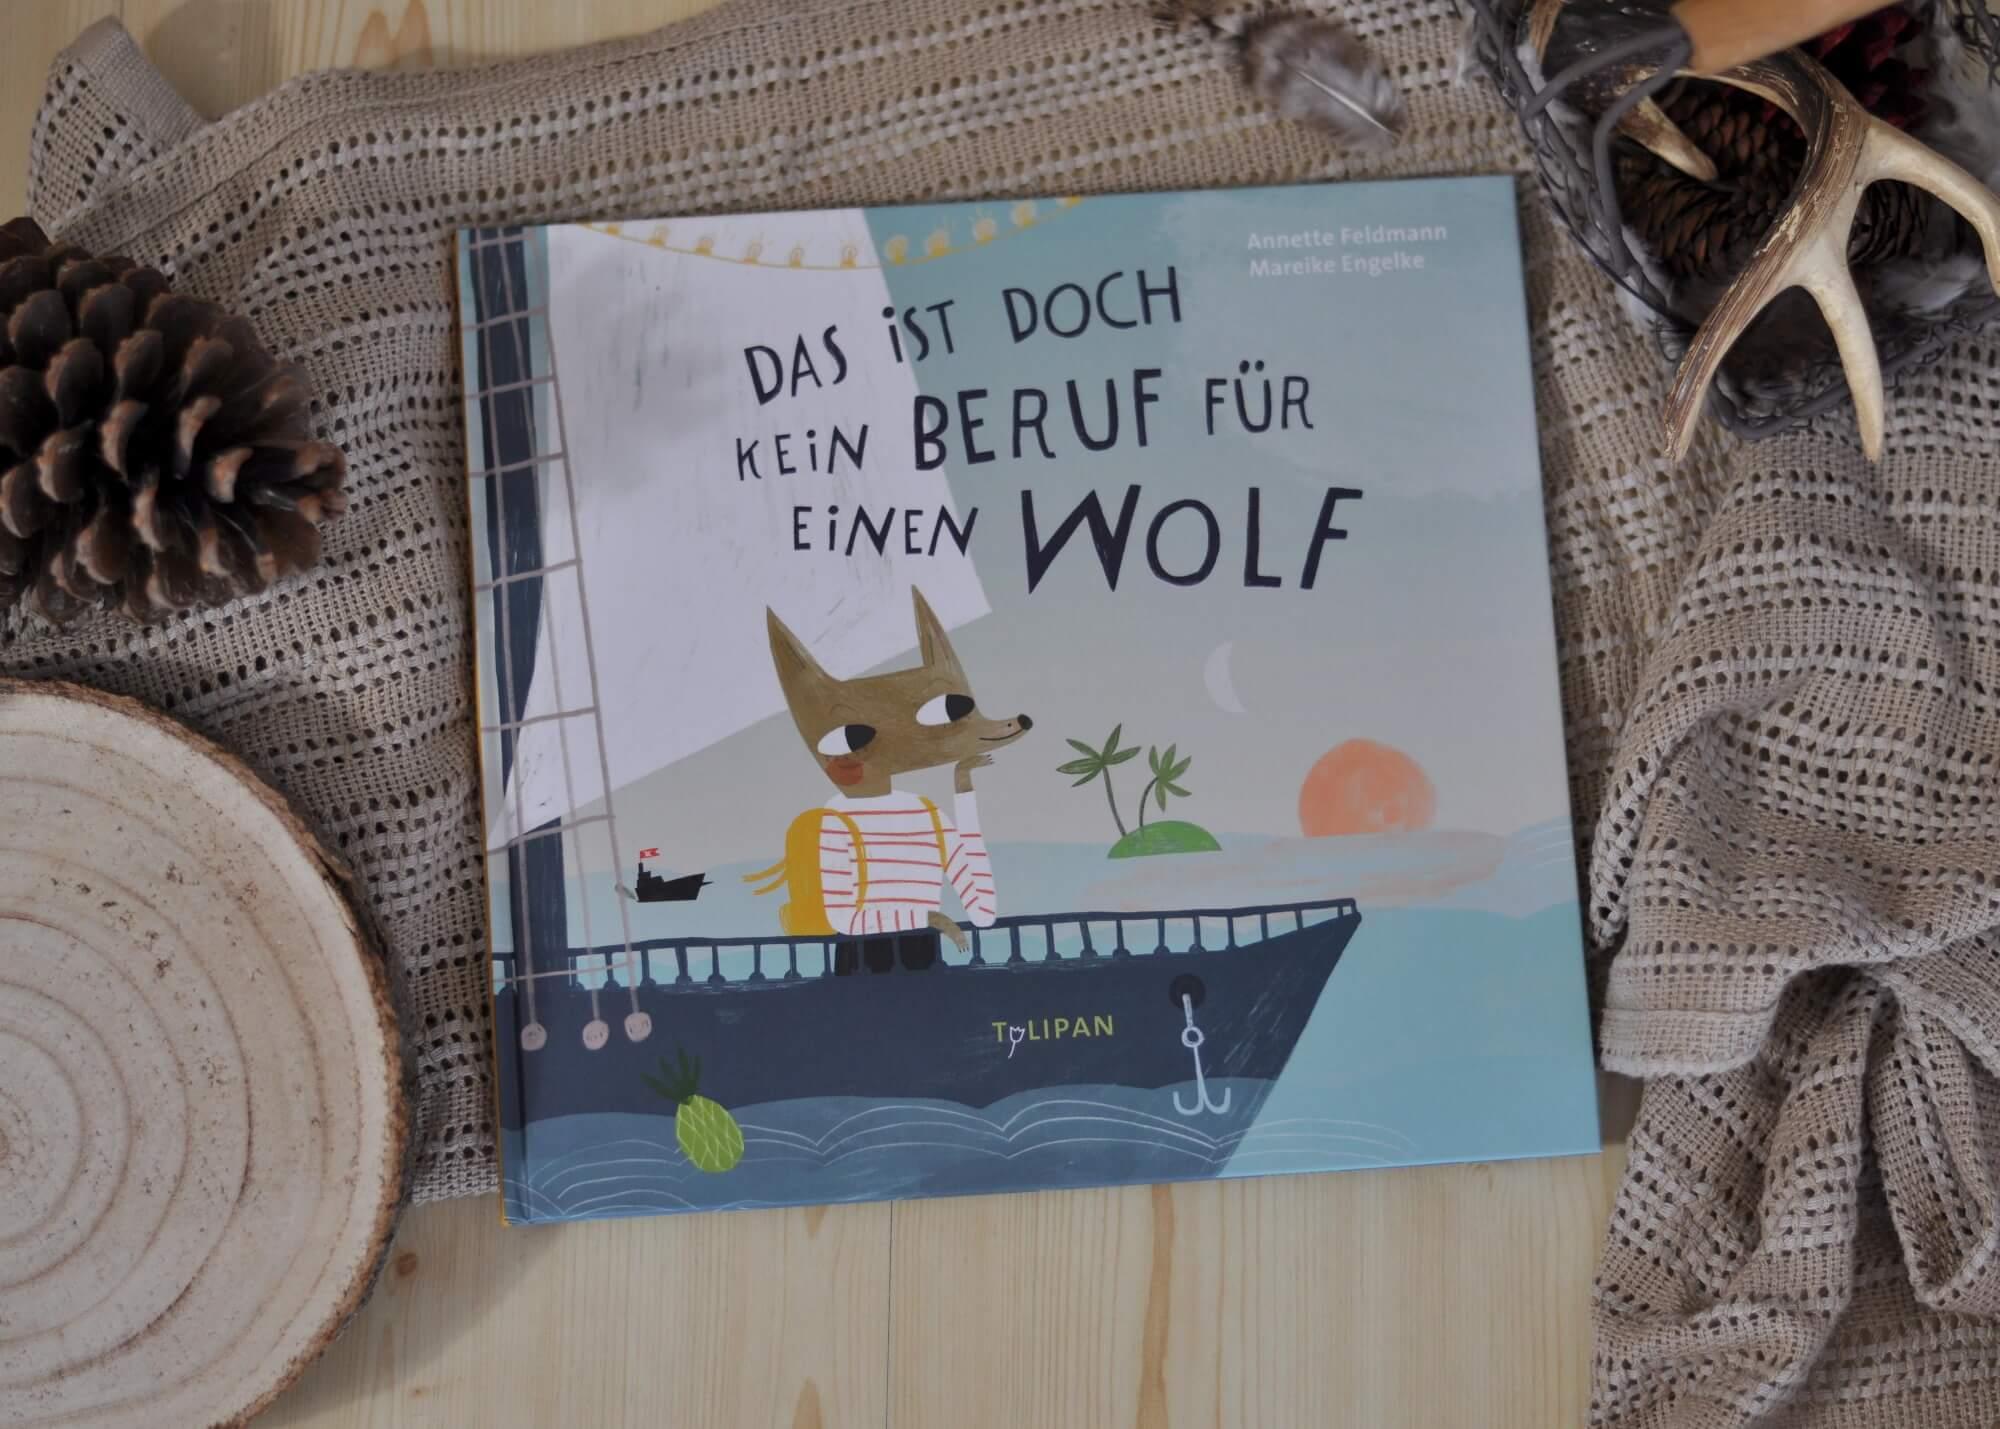 Herr und Frau Grimm sind sich sicher: Wölfe fahren nicht zur See. Und schon gar nicht ist Kapitän ein Beruf für einen Wolf! Doch Tochter Isa will unbedingt Kapitänin werden und lässt sich nicht von ihrem Vorhaben abhalten. Also packt sie ihren Seesack und bricht auf zum Hafen. #traumberuf #selbstvertrauen #wünsche #beruf #klischee #rollenbilder #mädchen #bilderbuch #wolf